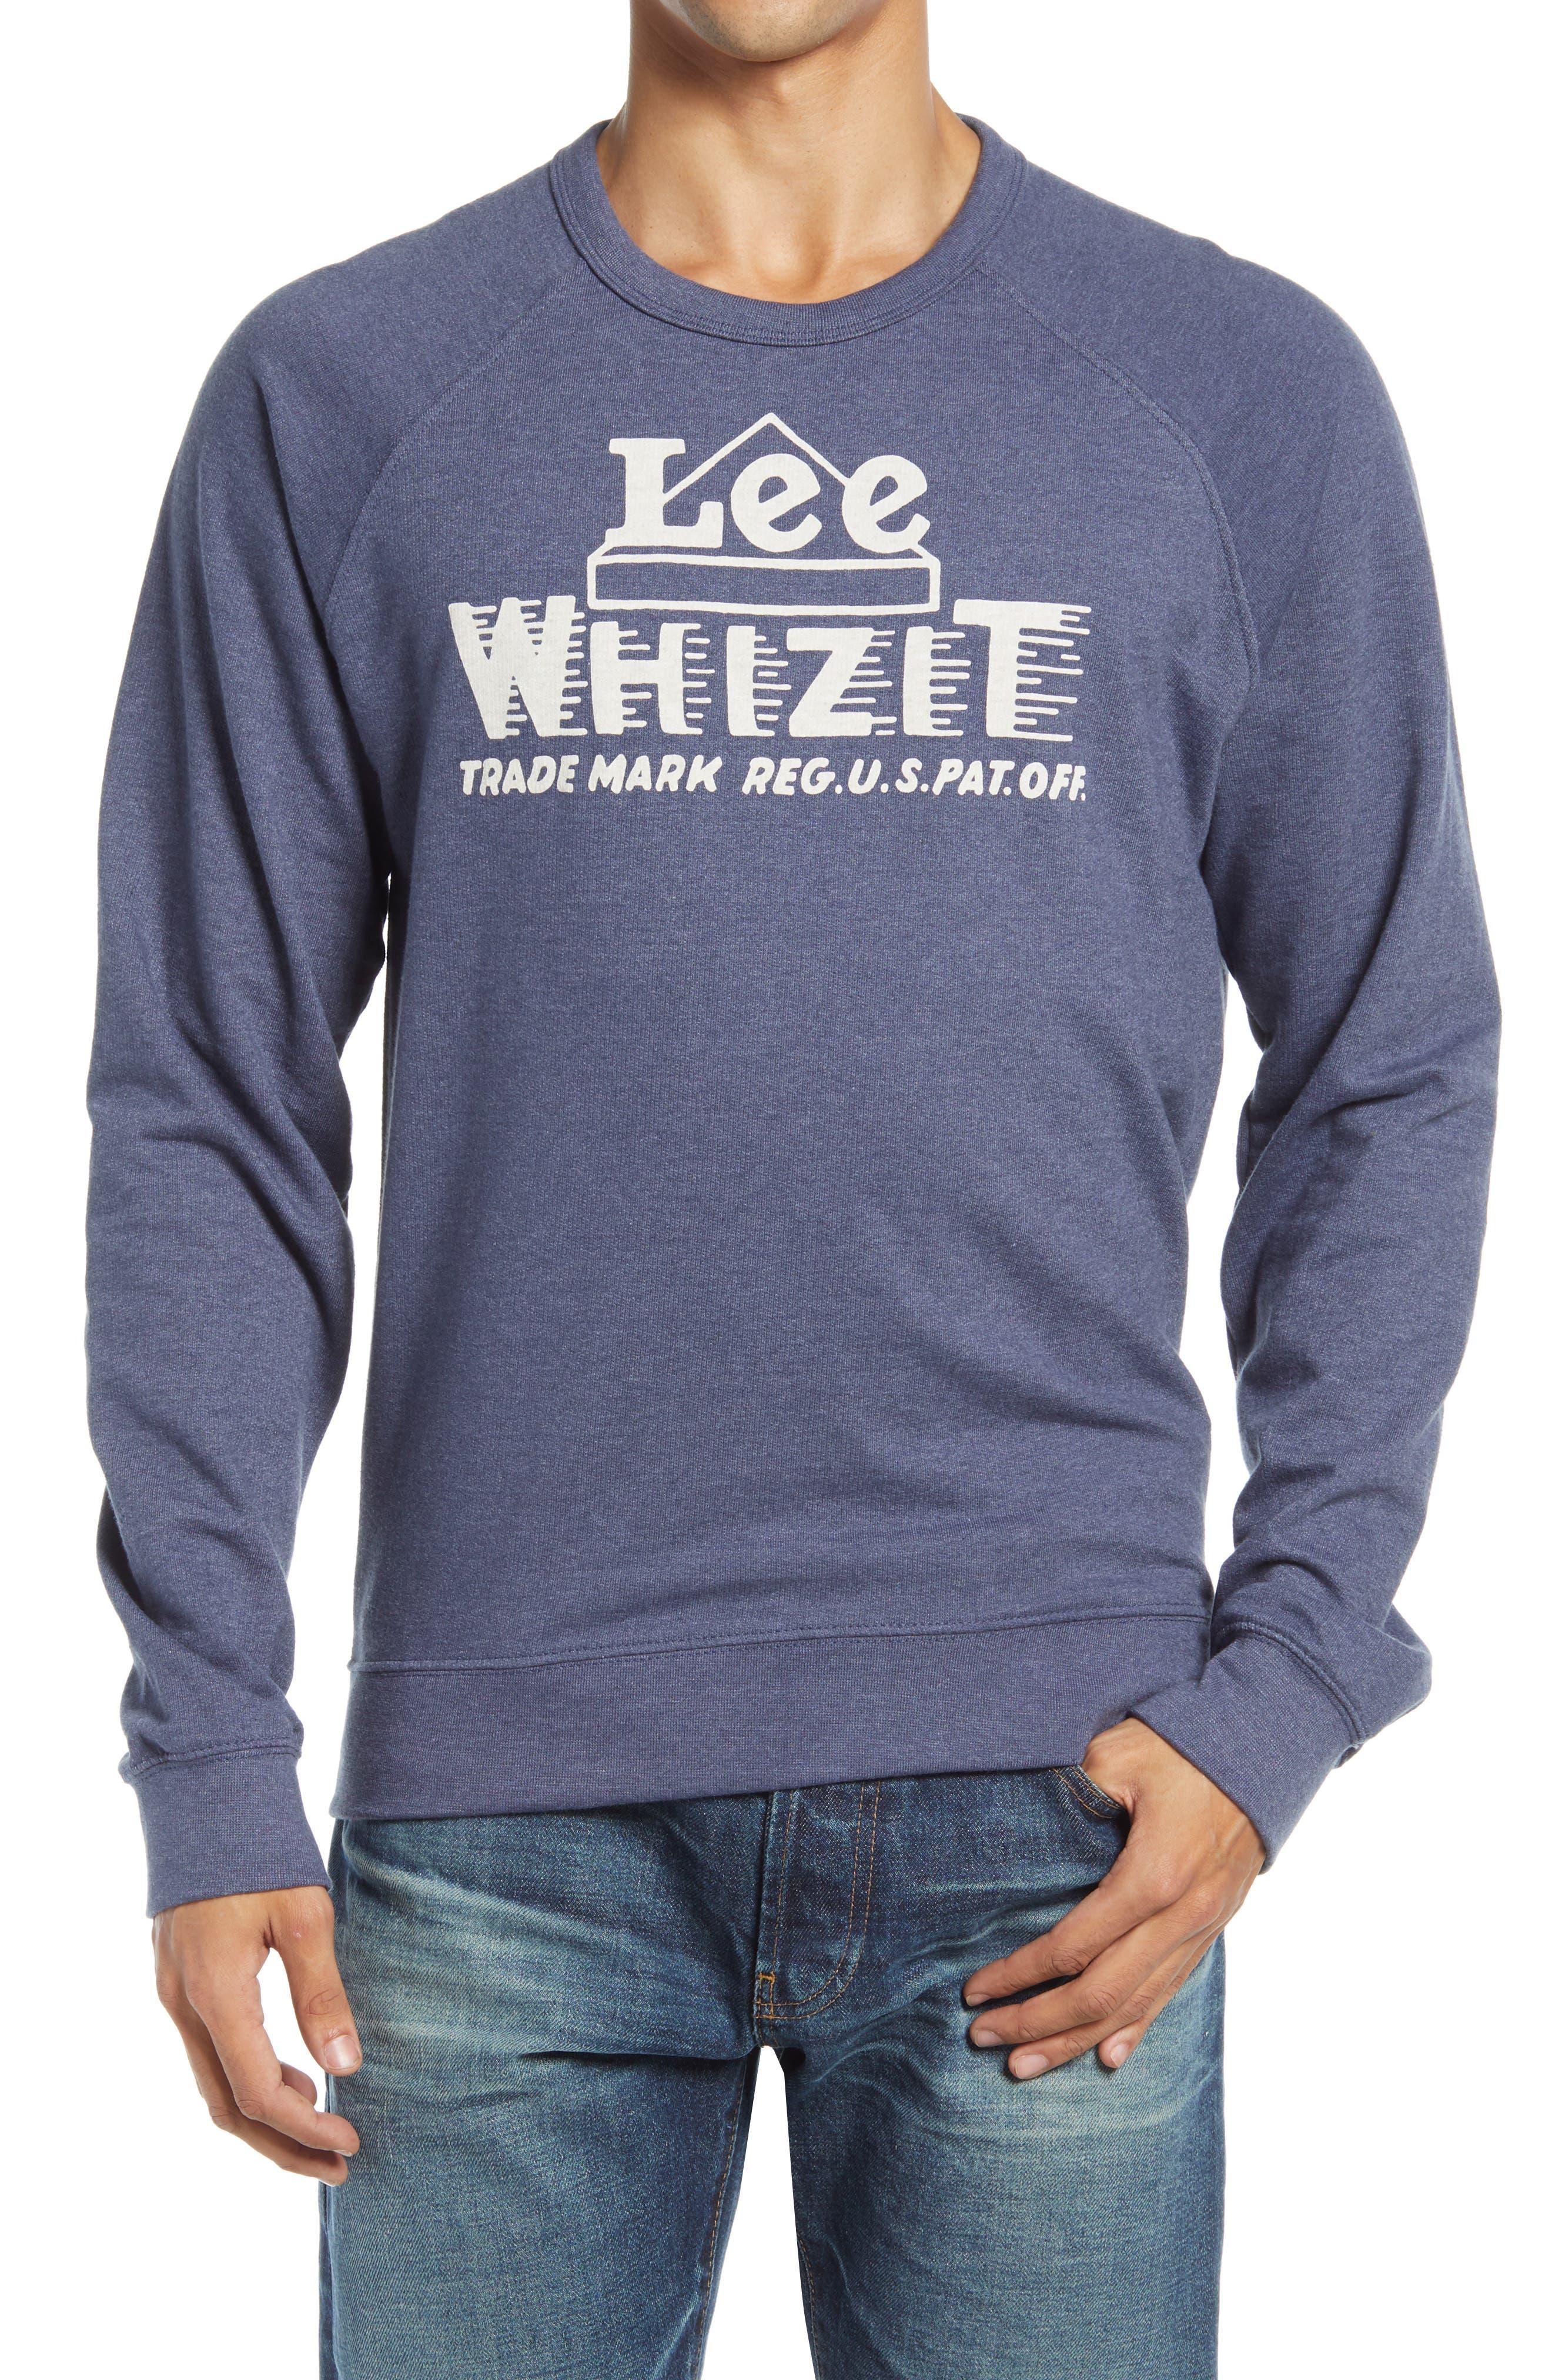 Whizit Crewneck Sweatshirt